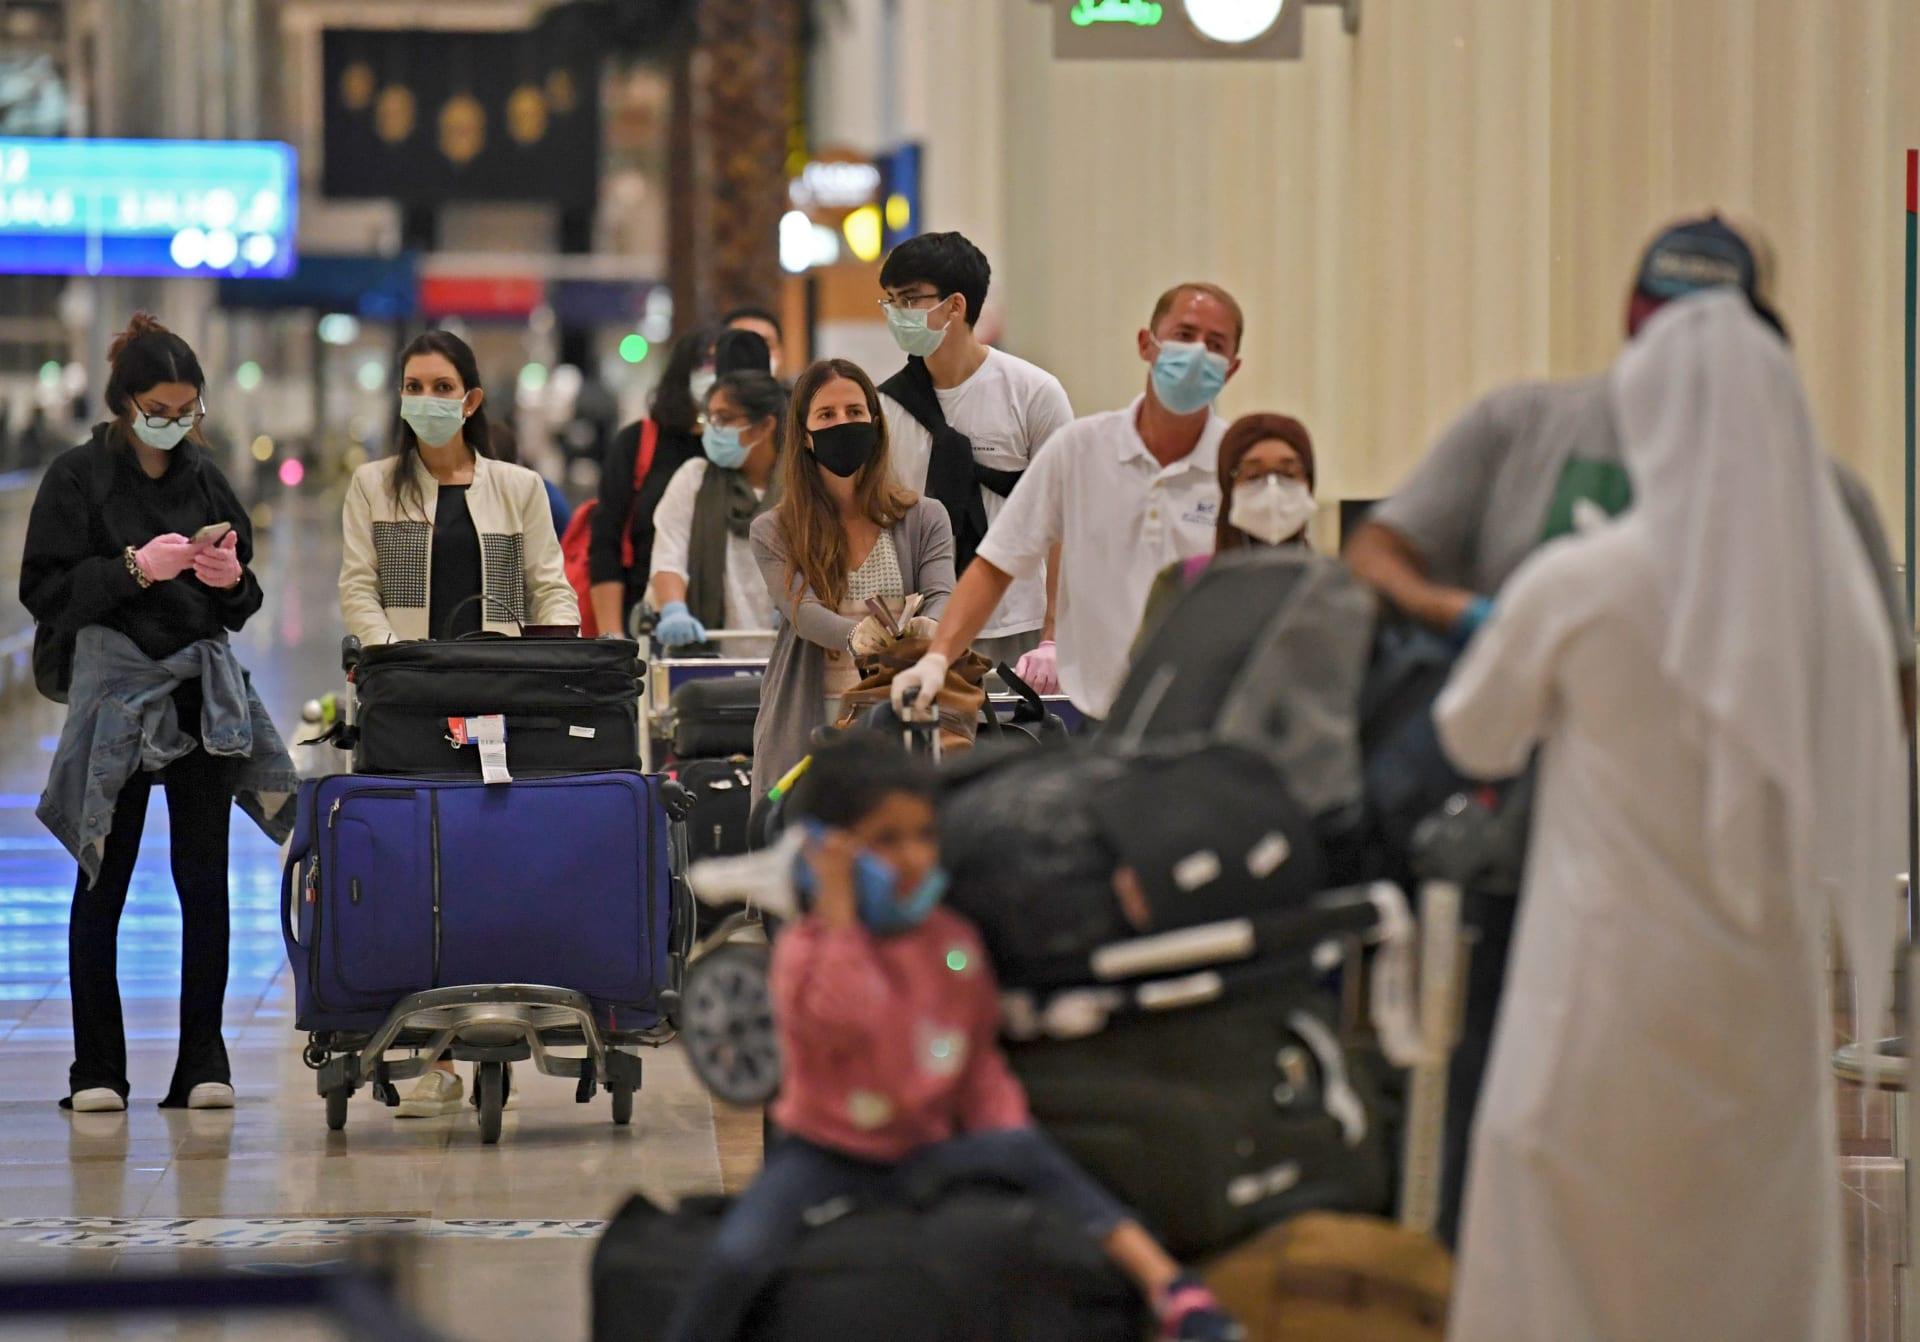 يصطف ركاب رحلة طيران الإمارات من لندن قبل أن يتم فحصهم من قبل العاملين الصحيين في مطار دبي الدولي في 8 مايو 2020